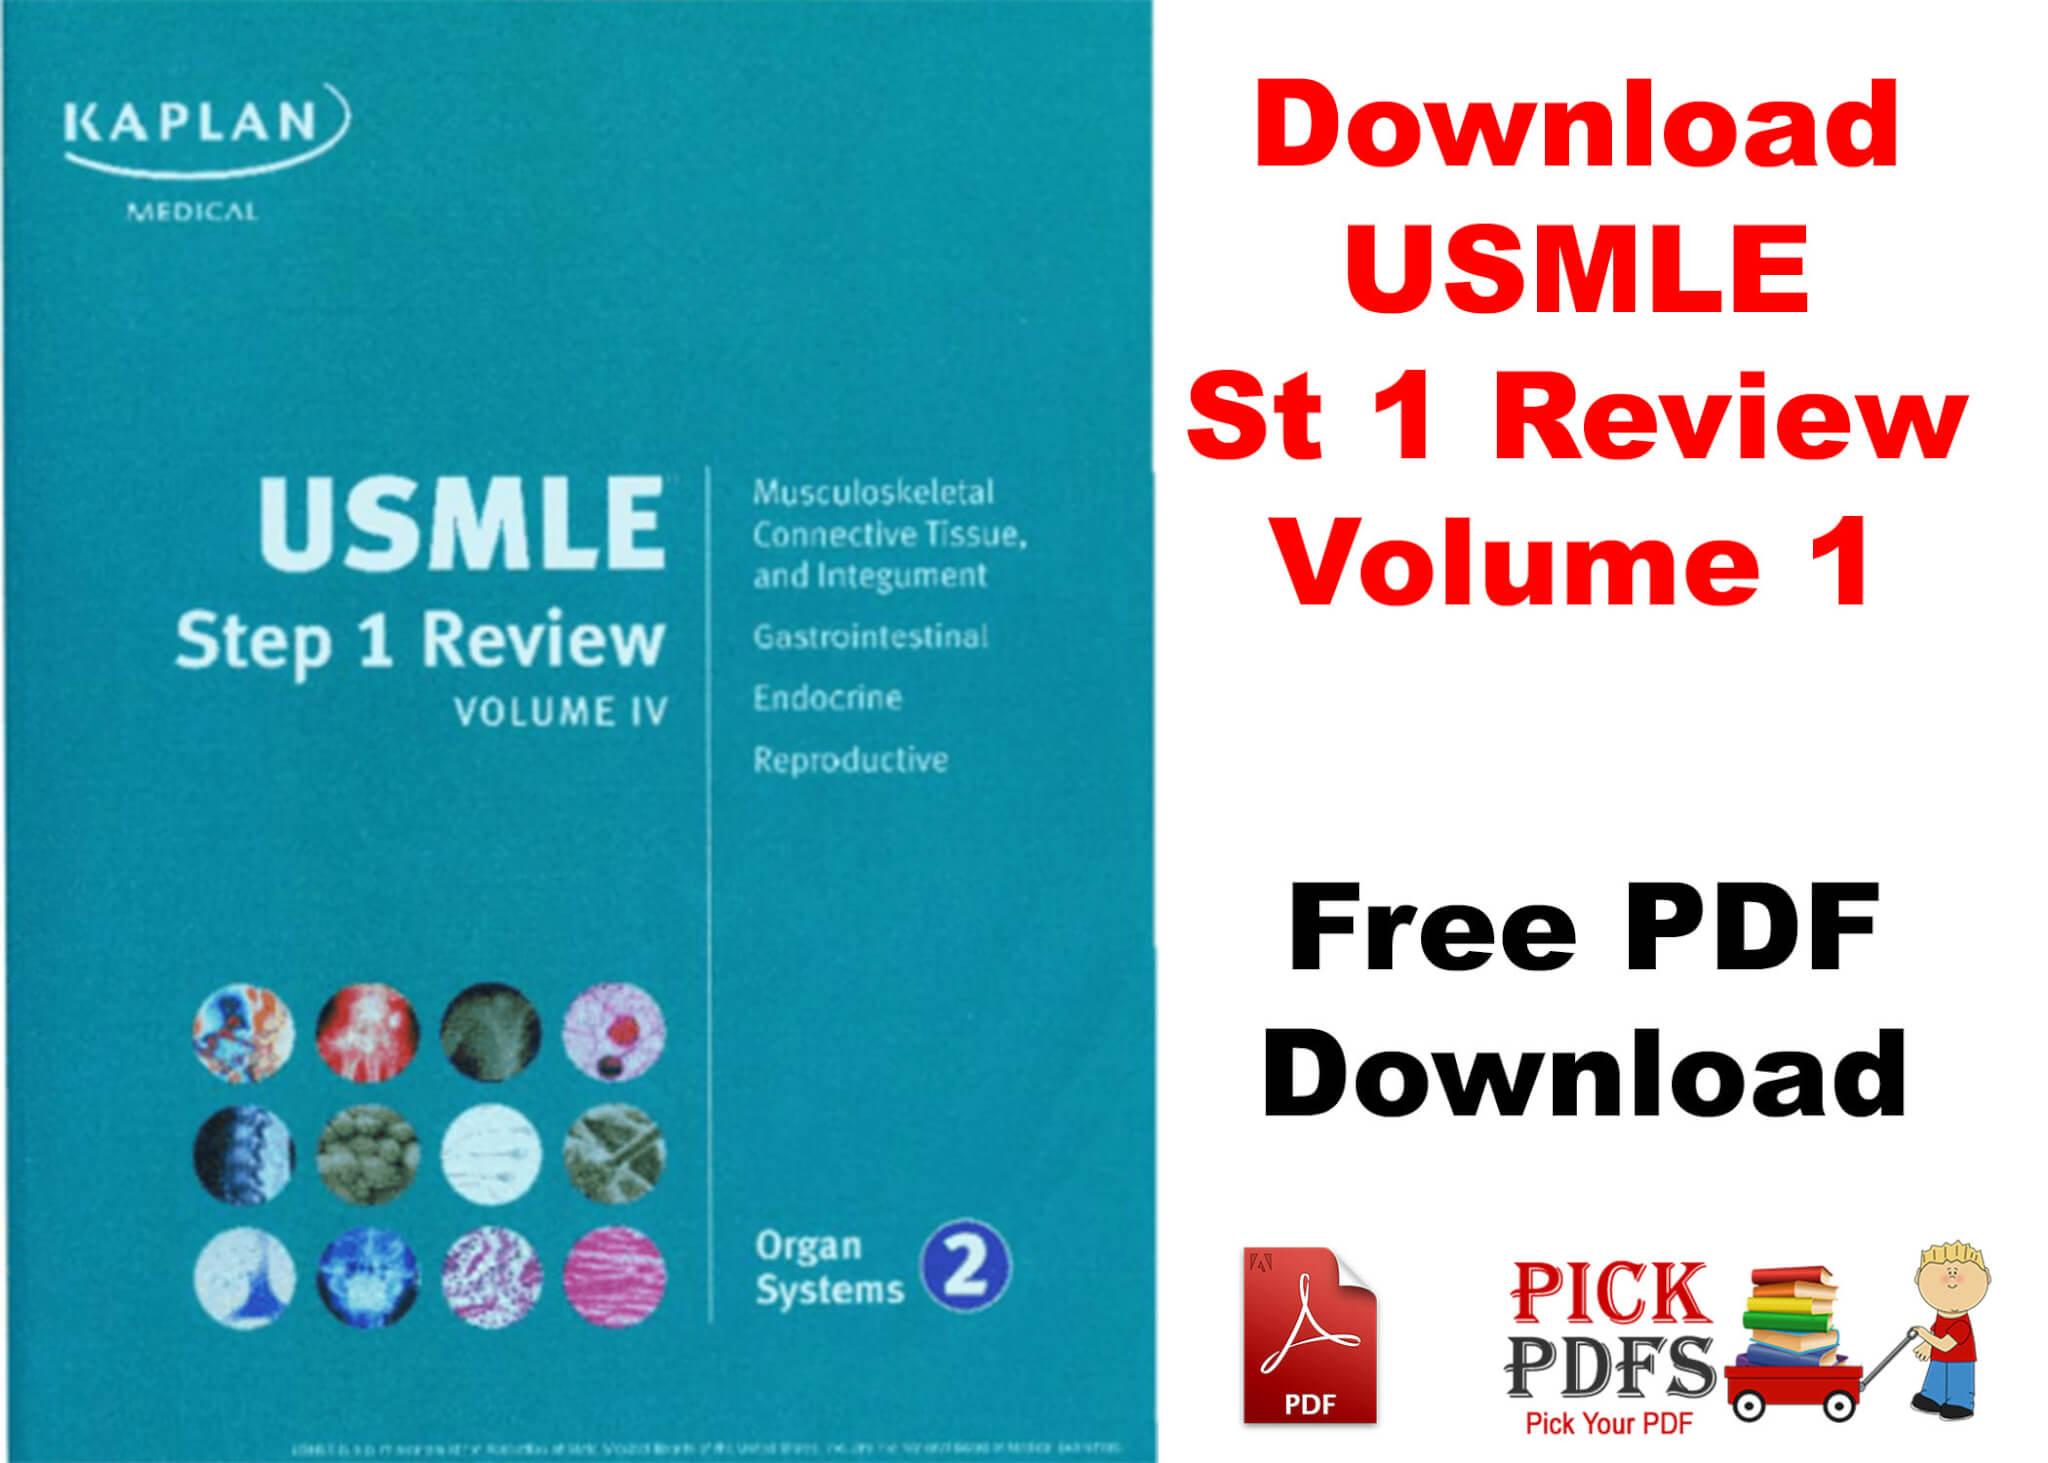 kaplan usmle step 1 review pdf free